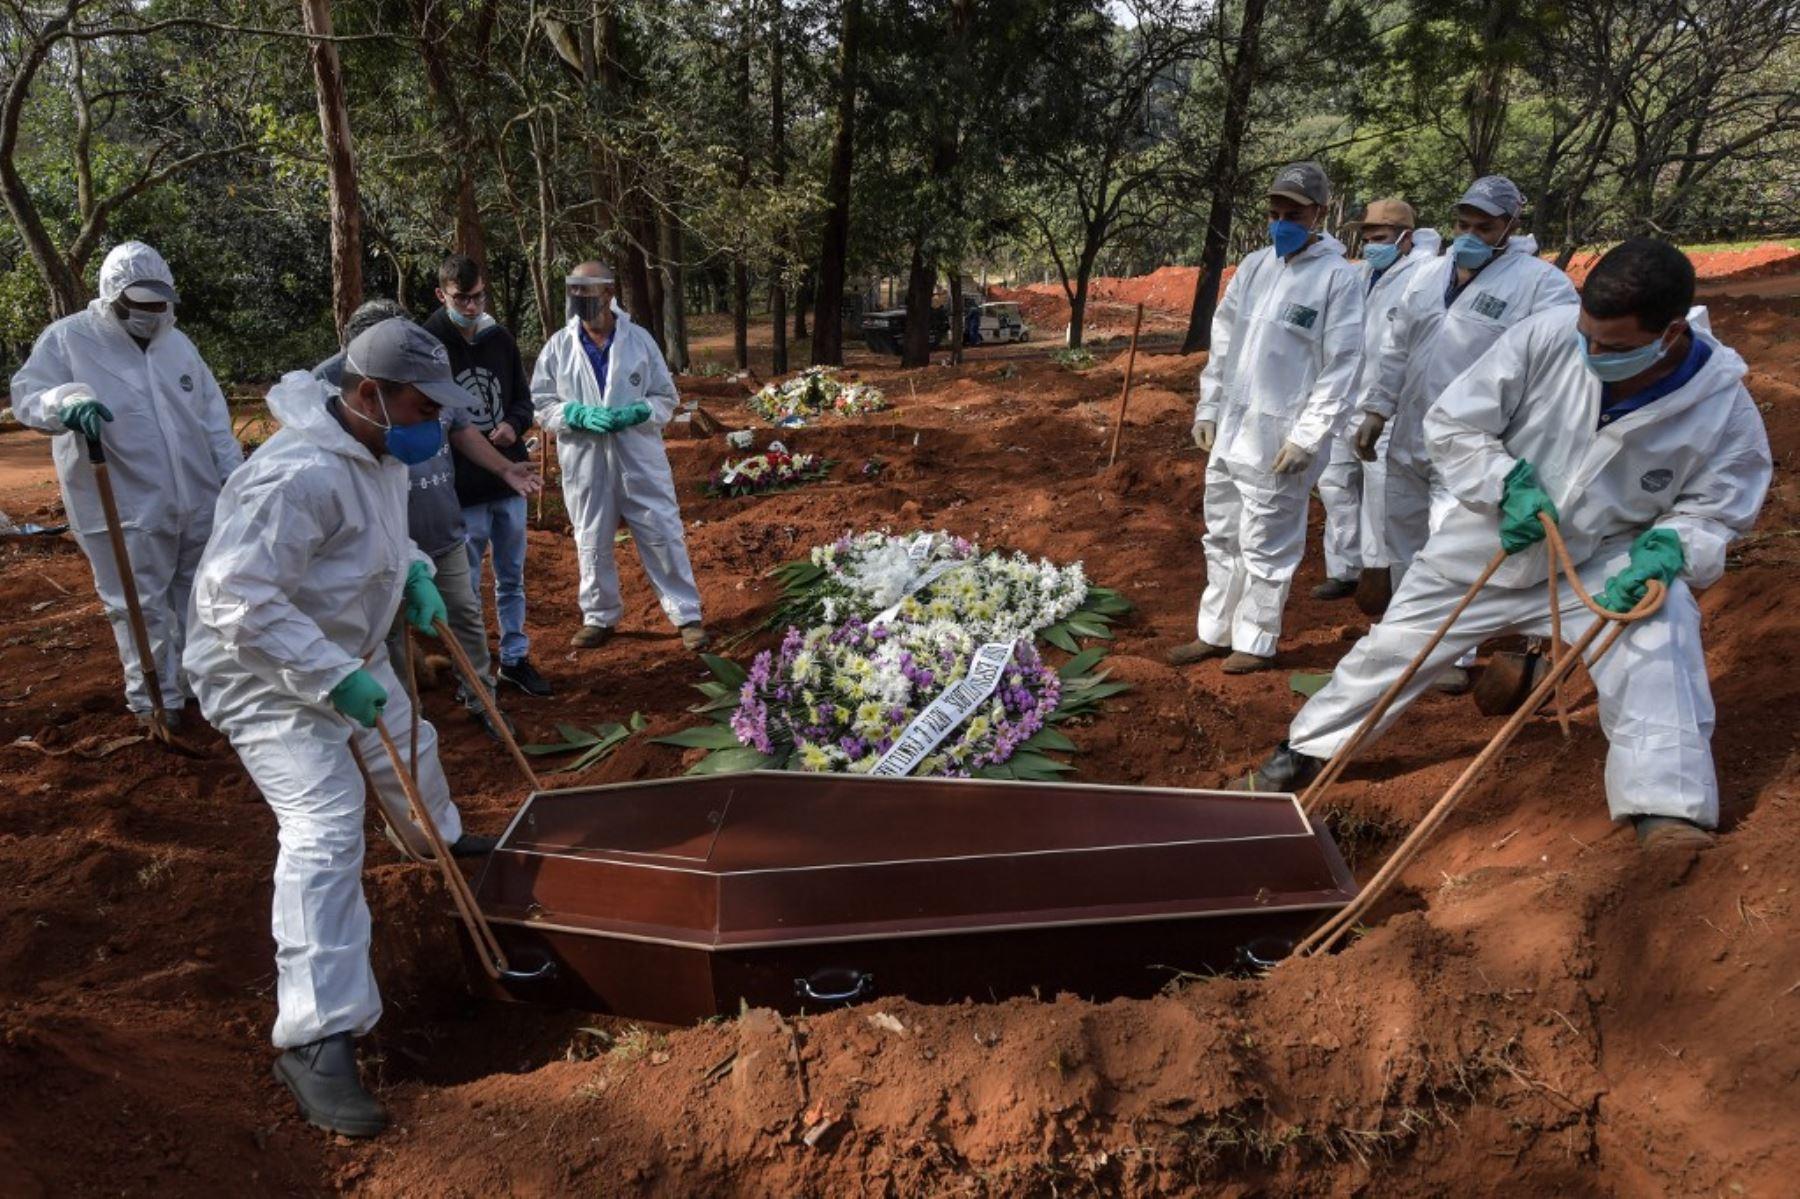 Un grupo empleados entierran el ataúd de una persona que murió por coronavirus en el cementerio de Vila Formosa, en las afueras de Sao Paulo, Brasil. Foto: AFP